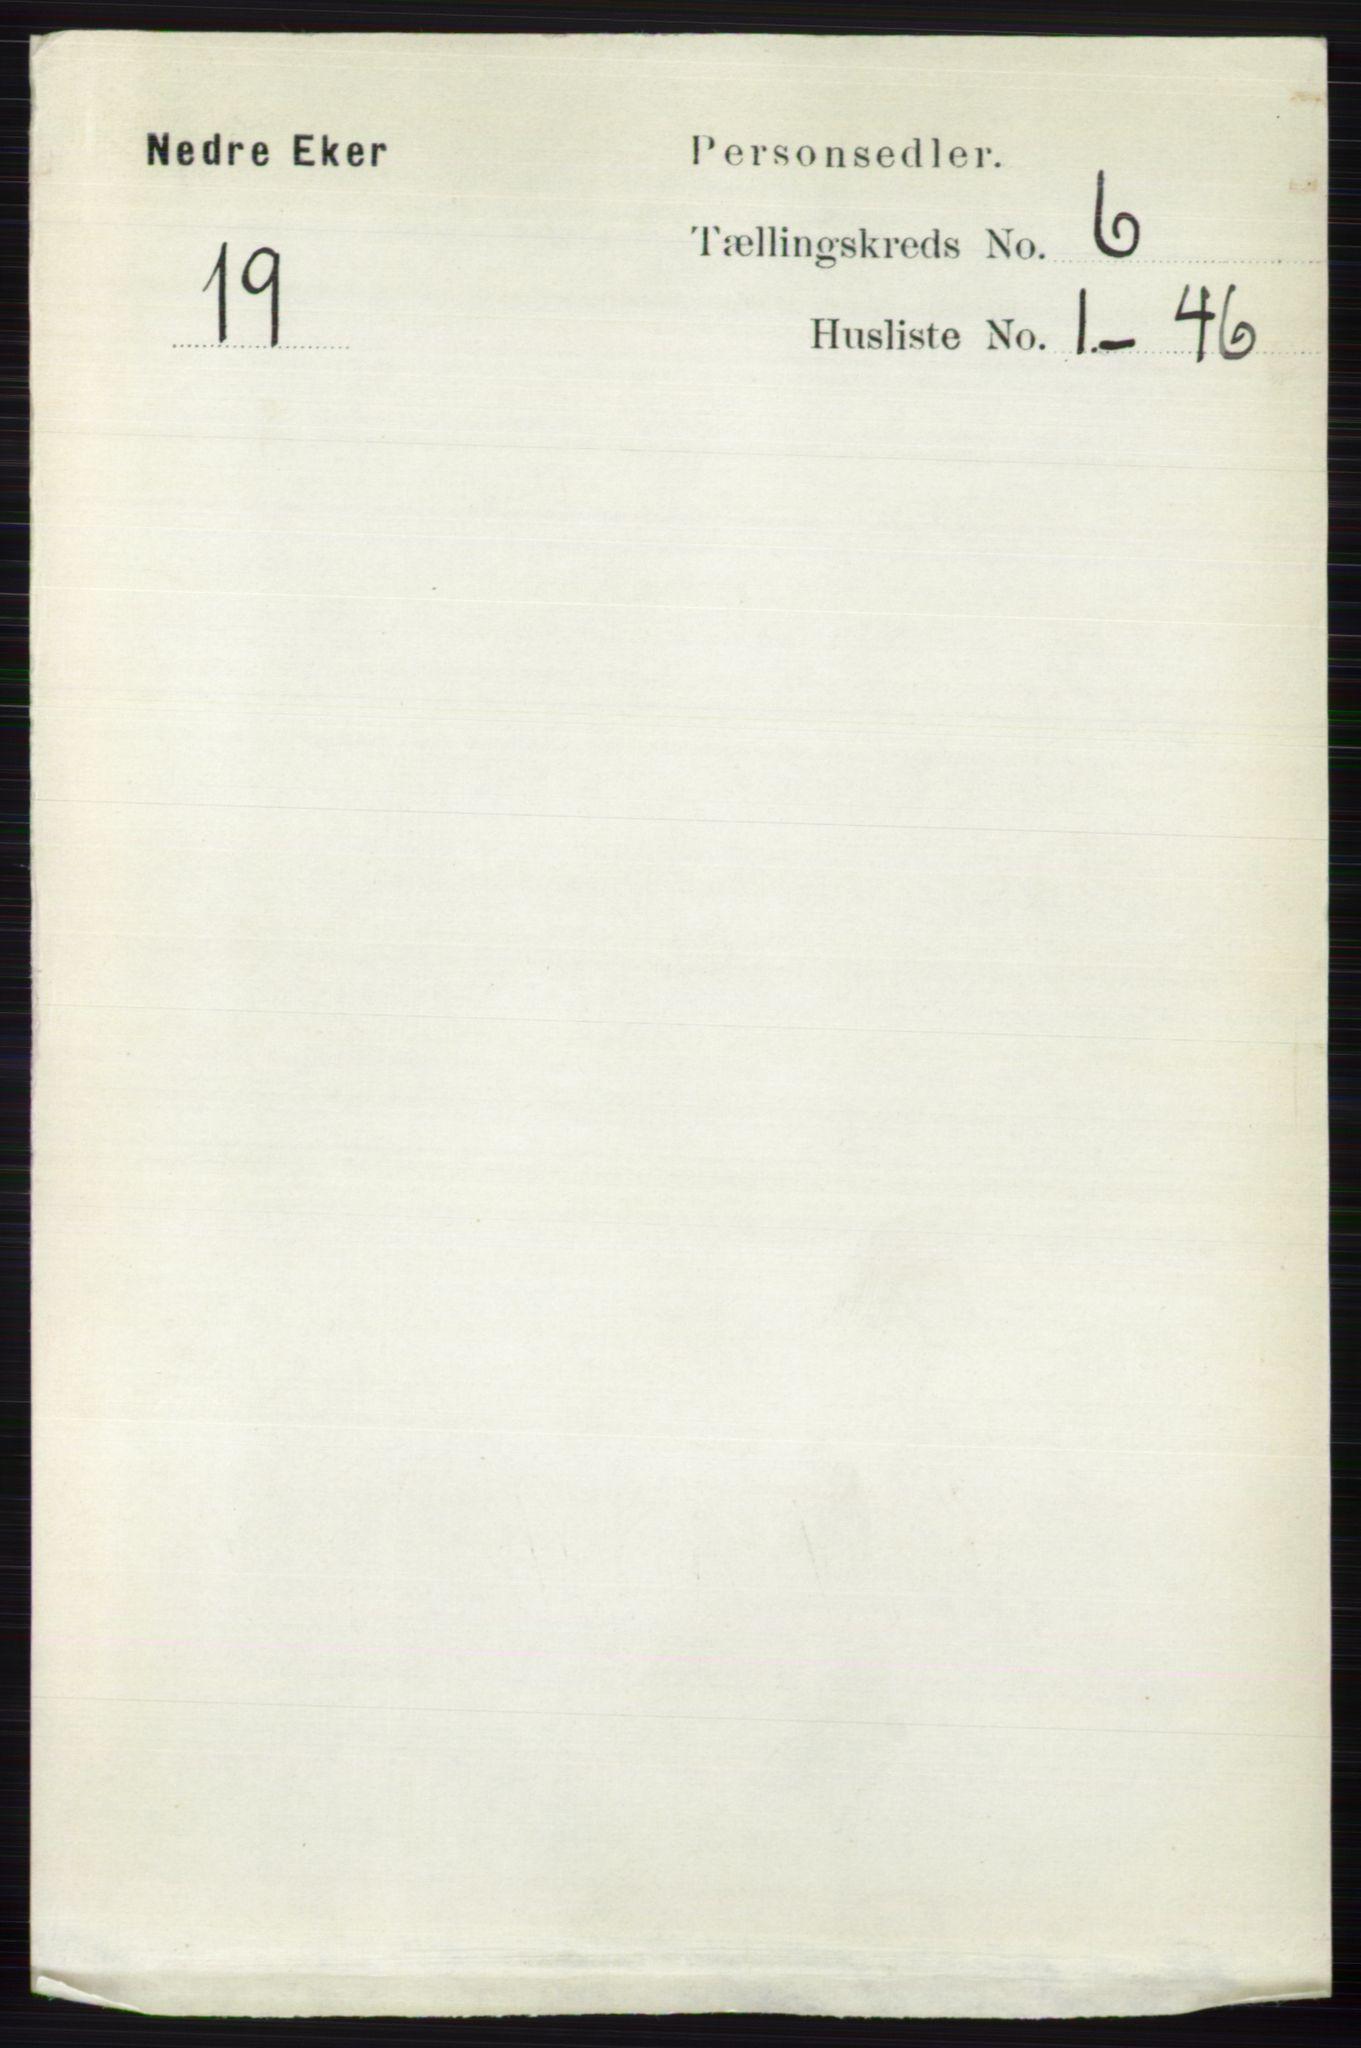 RA, Folketelling 1891 for 0625 Nedre Eiker herred, 1891, s. 2894